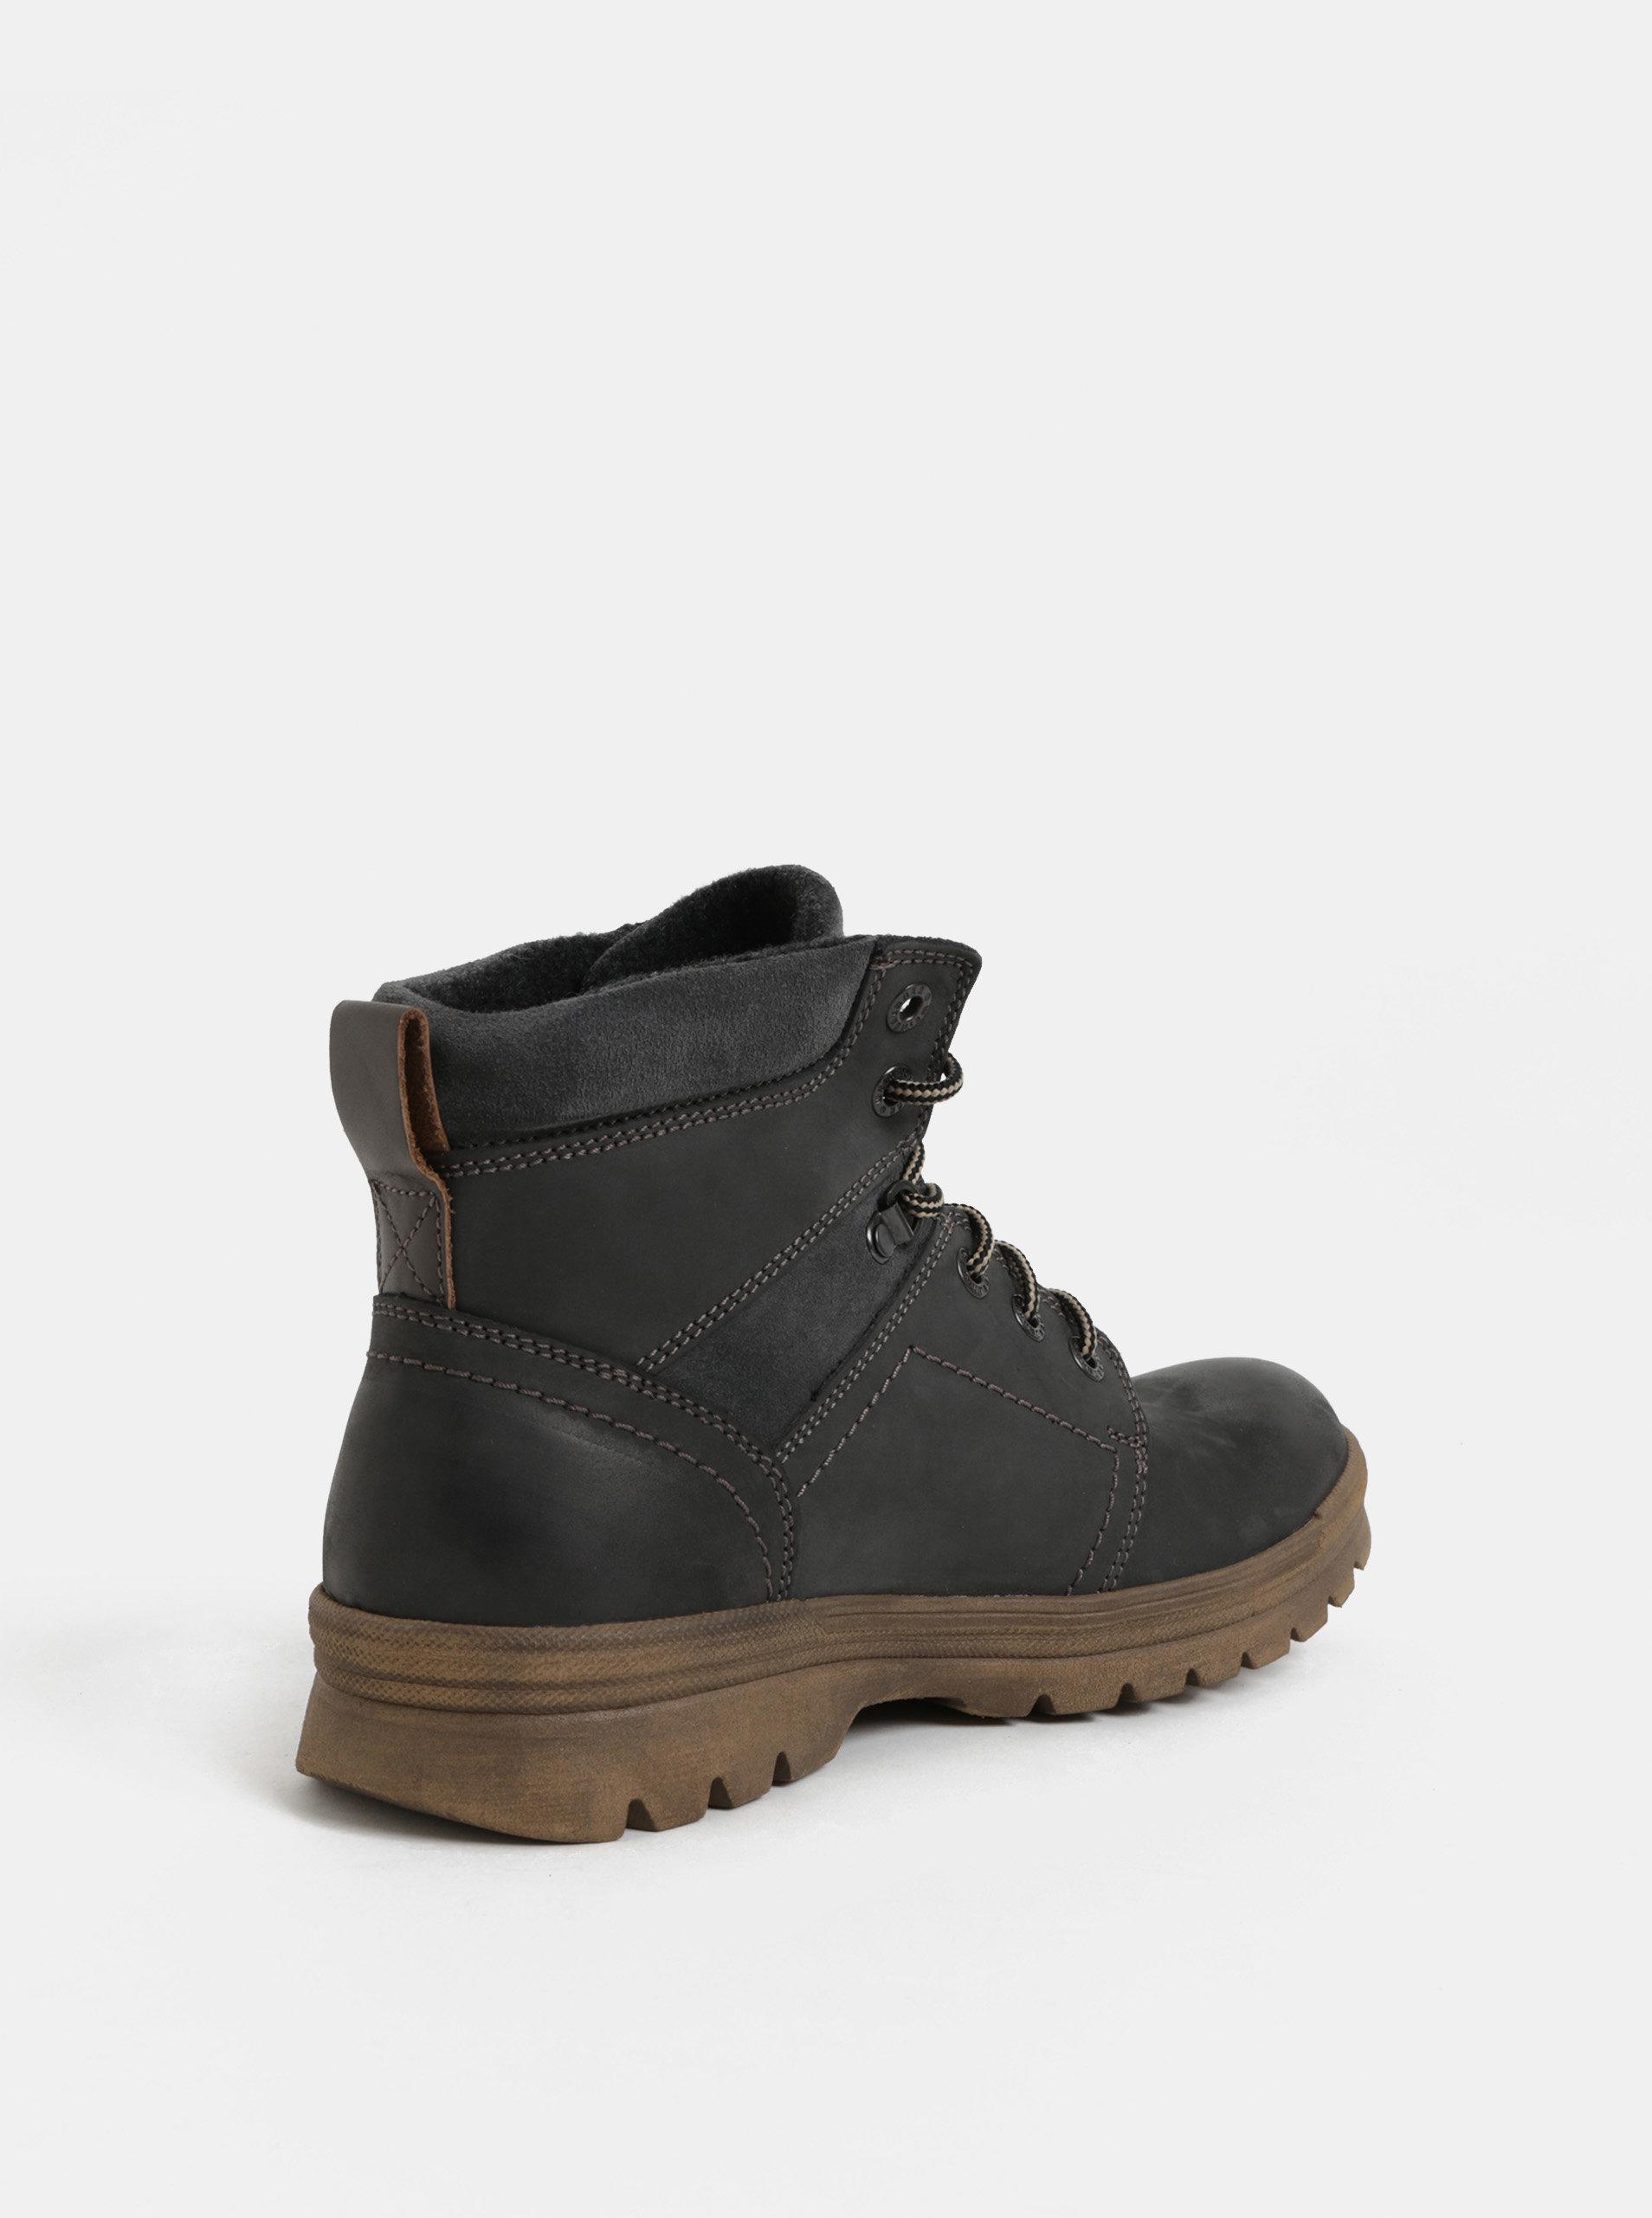 3b70b05ac3 Tmavosivé pánske kožené členkové zimné topánky so semišovými detailmi  Weinbrenner ...